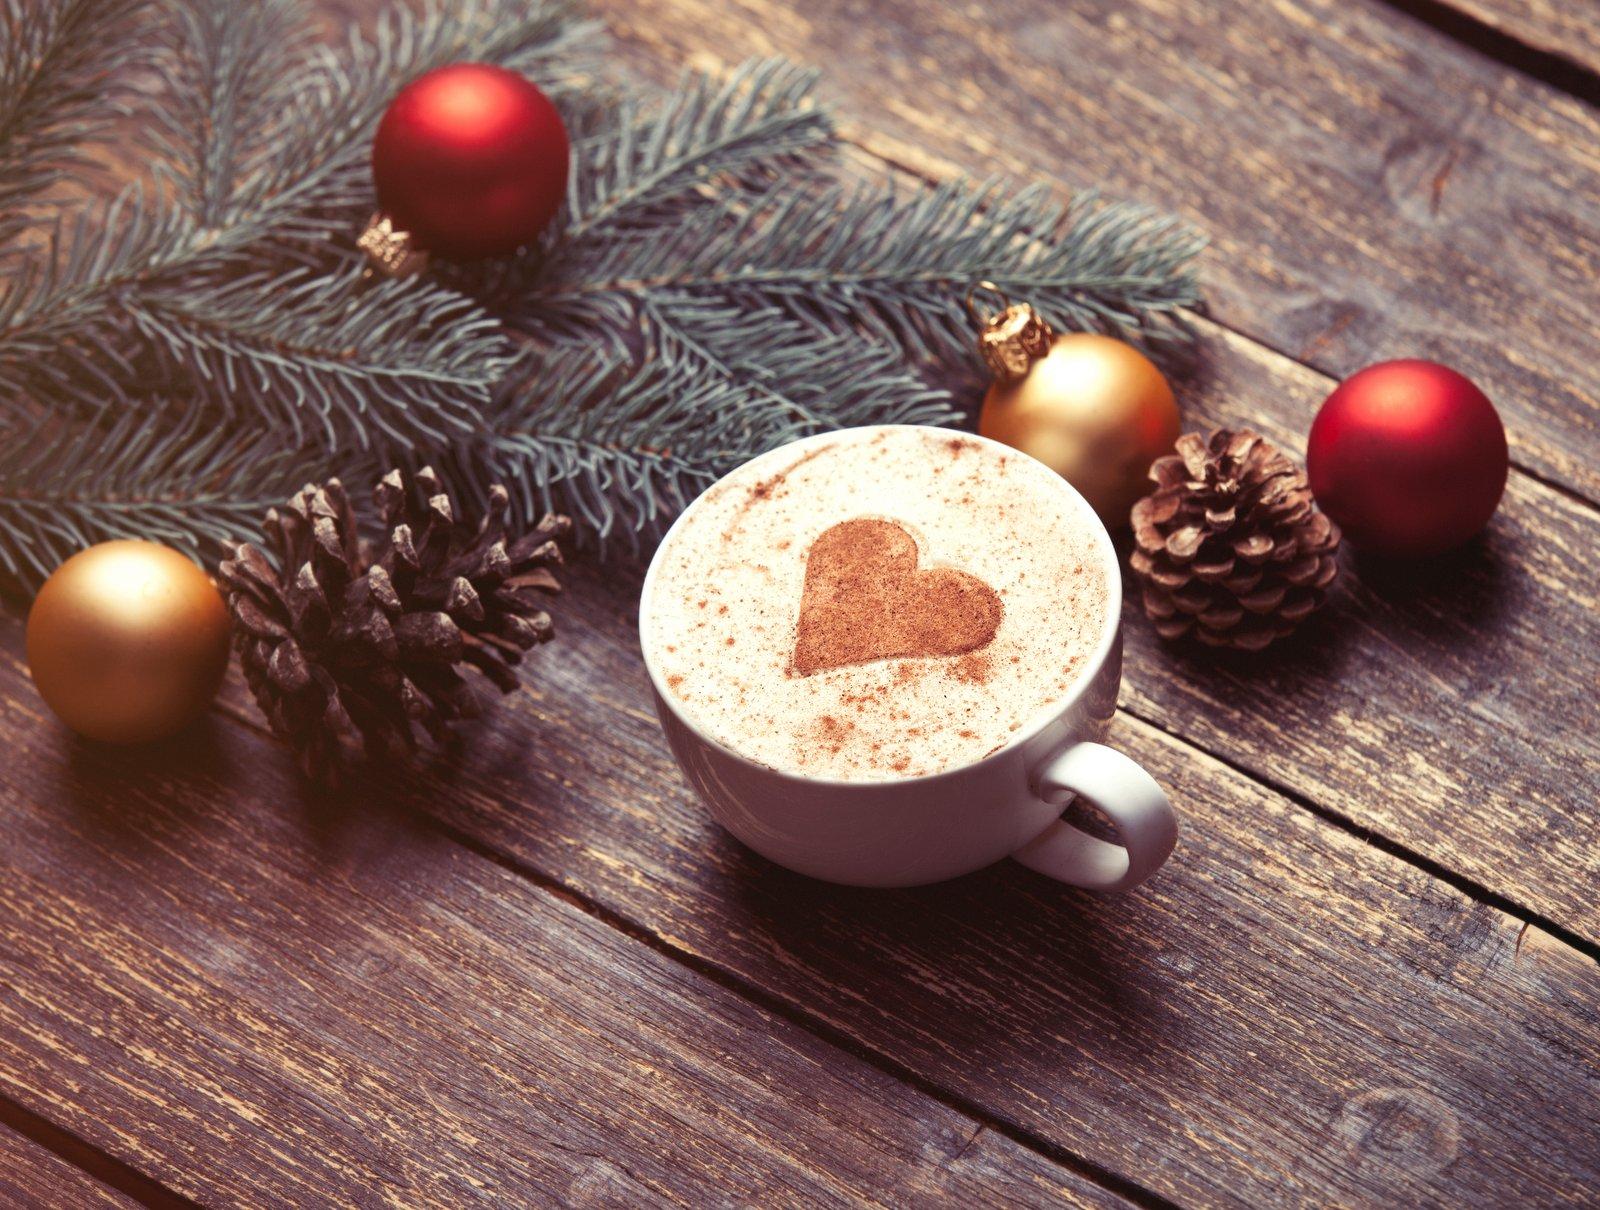 resep kopi dengan gingerbread untuk christmas   majalah